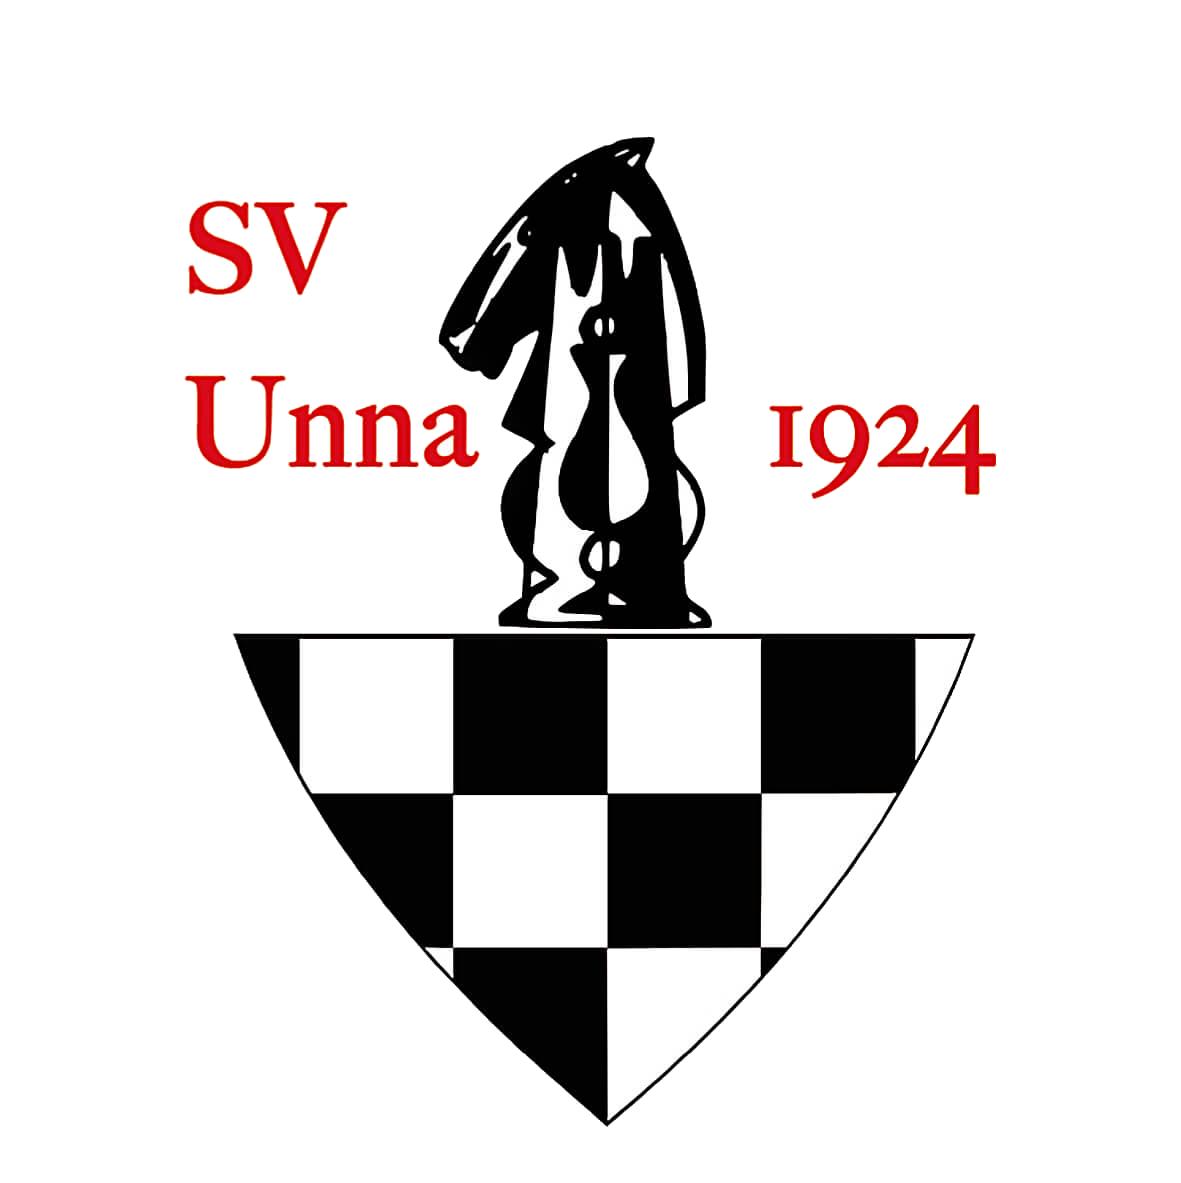 SV Unna Schachverein sei 1924